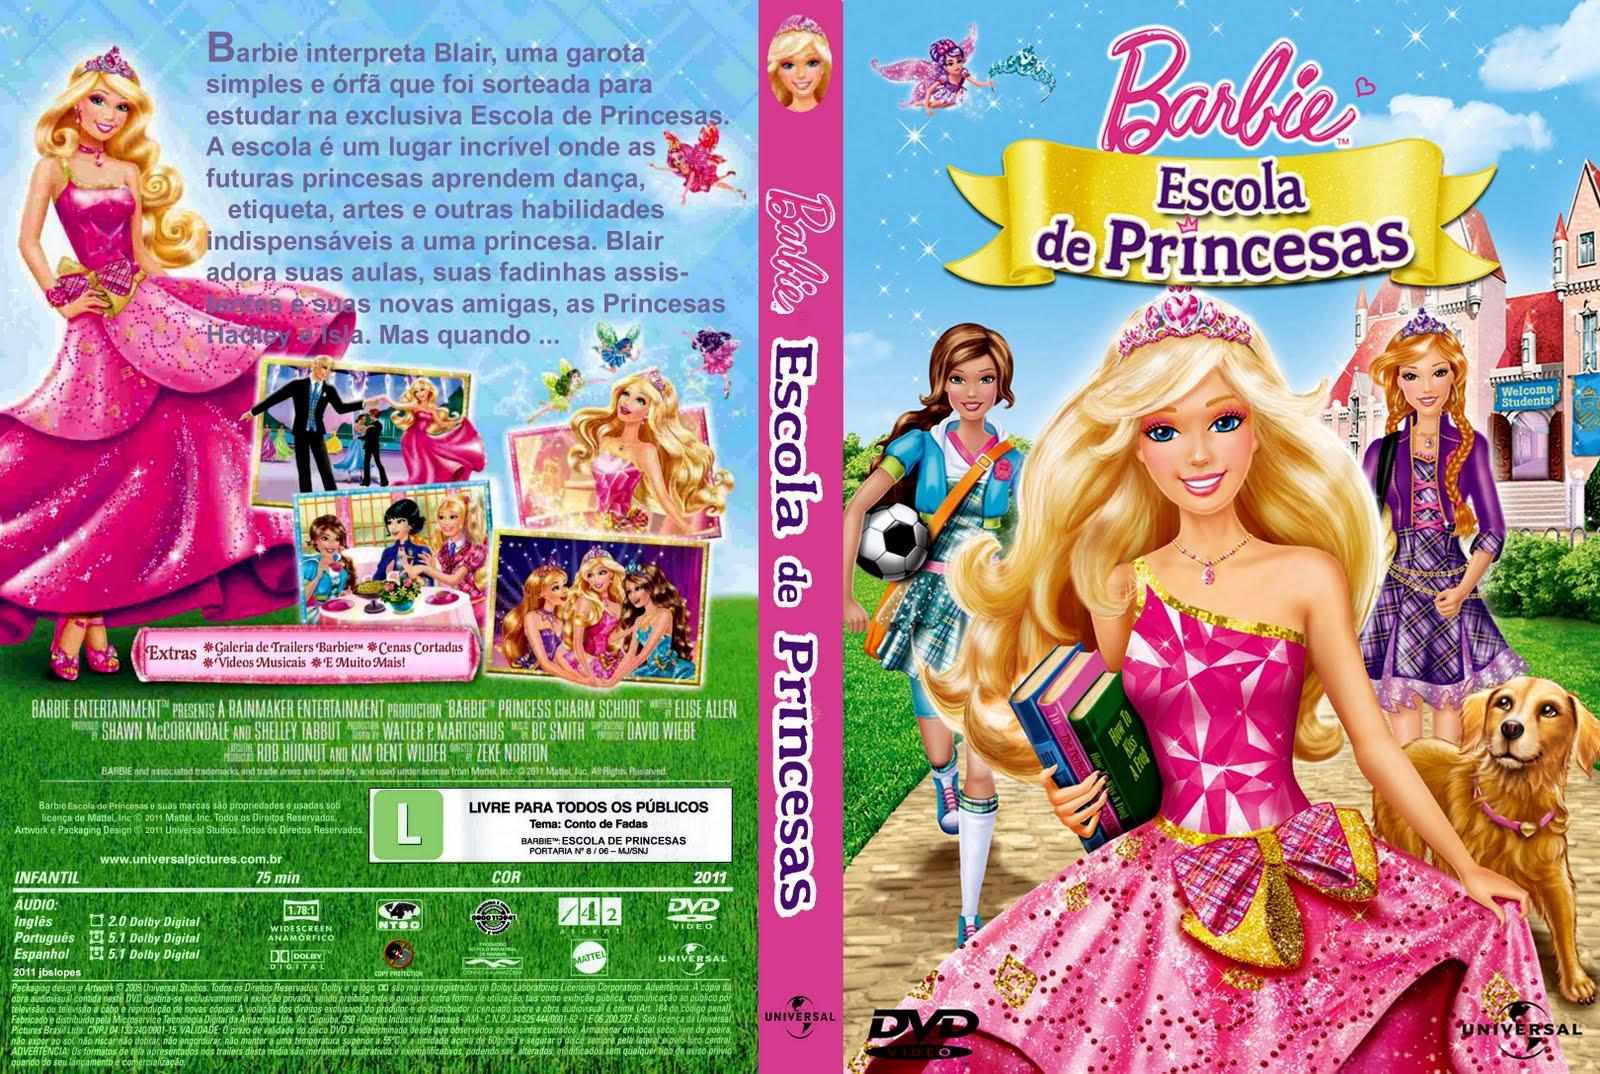 dvd barbie escola de princesas dublado